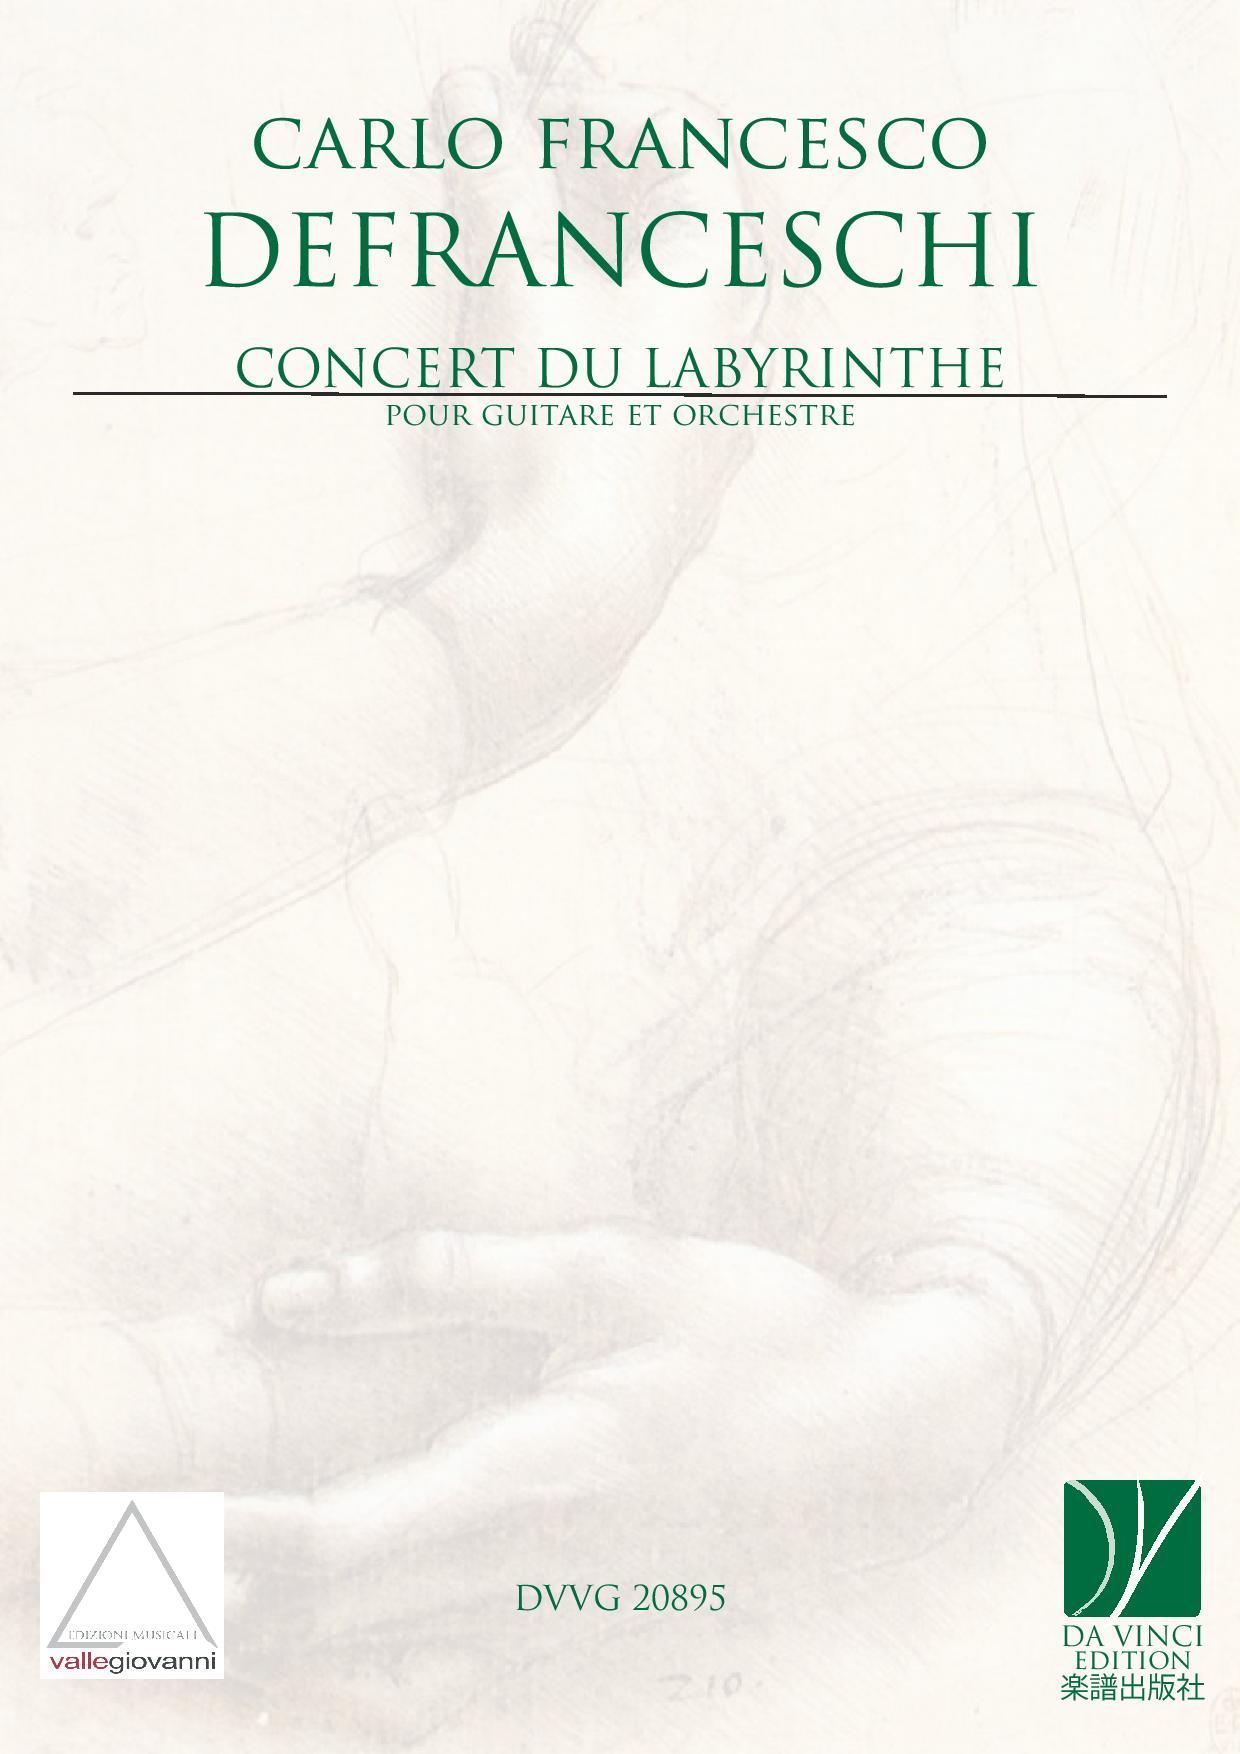 Carlo Francesco Defranceschi, Concert du labyrinthe pour guitare et orchestre